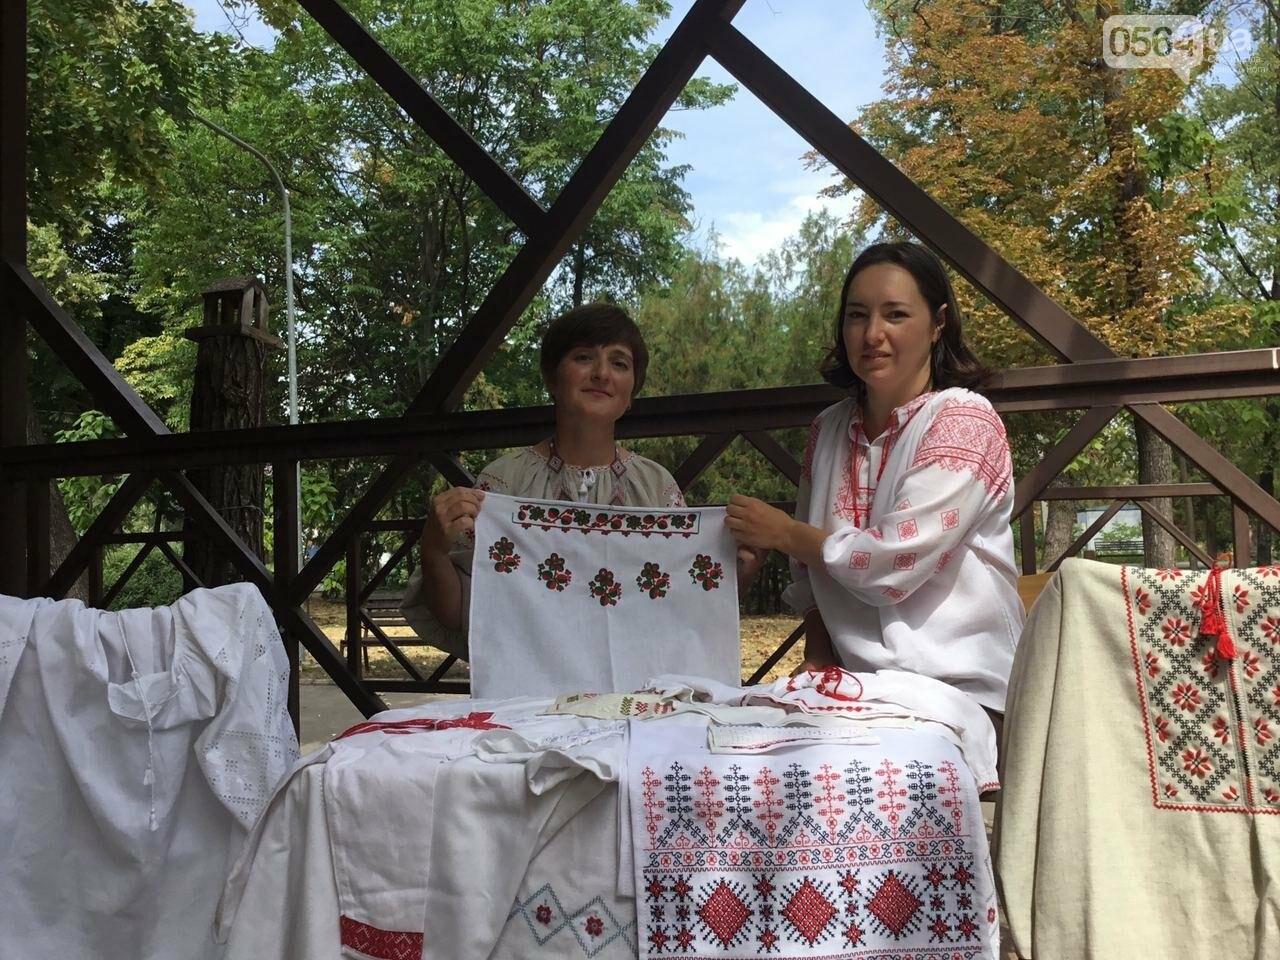 Криворожские вышивальщицы готовят сюрприз для родного города, - ФОТО, ВИДЕО, фото-1